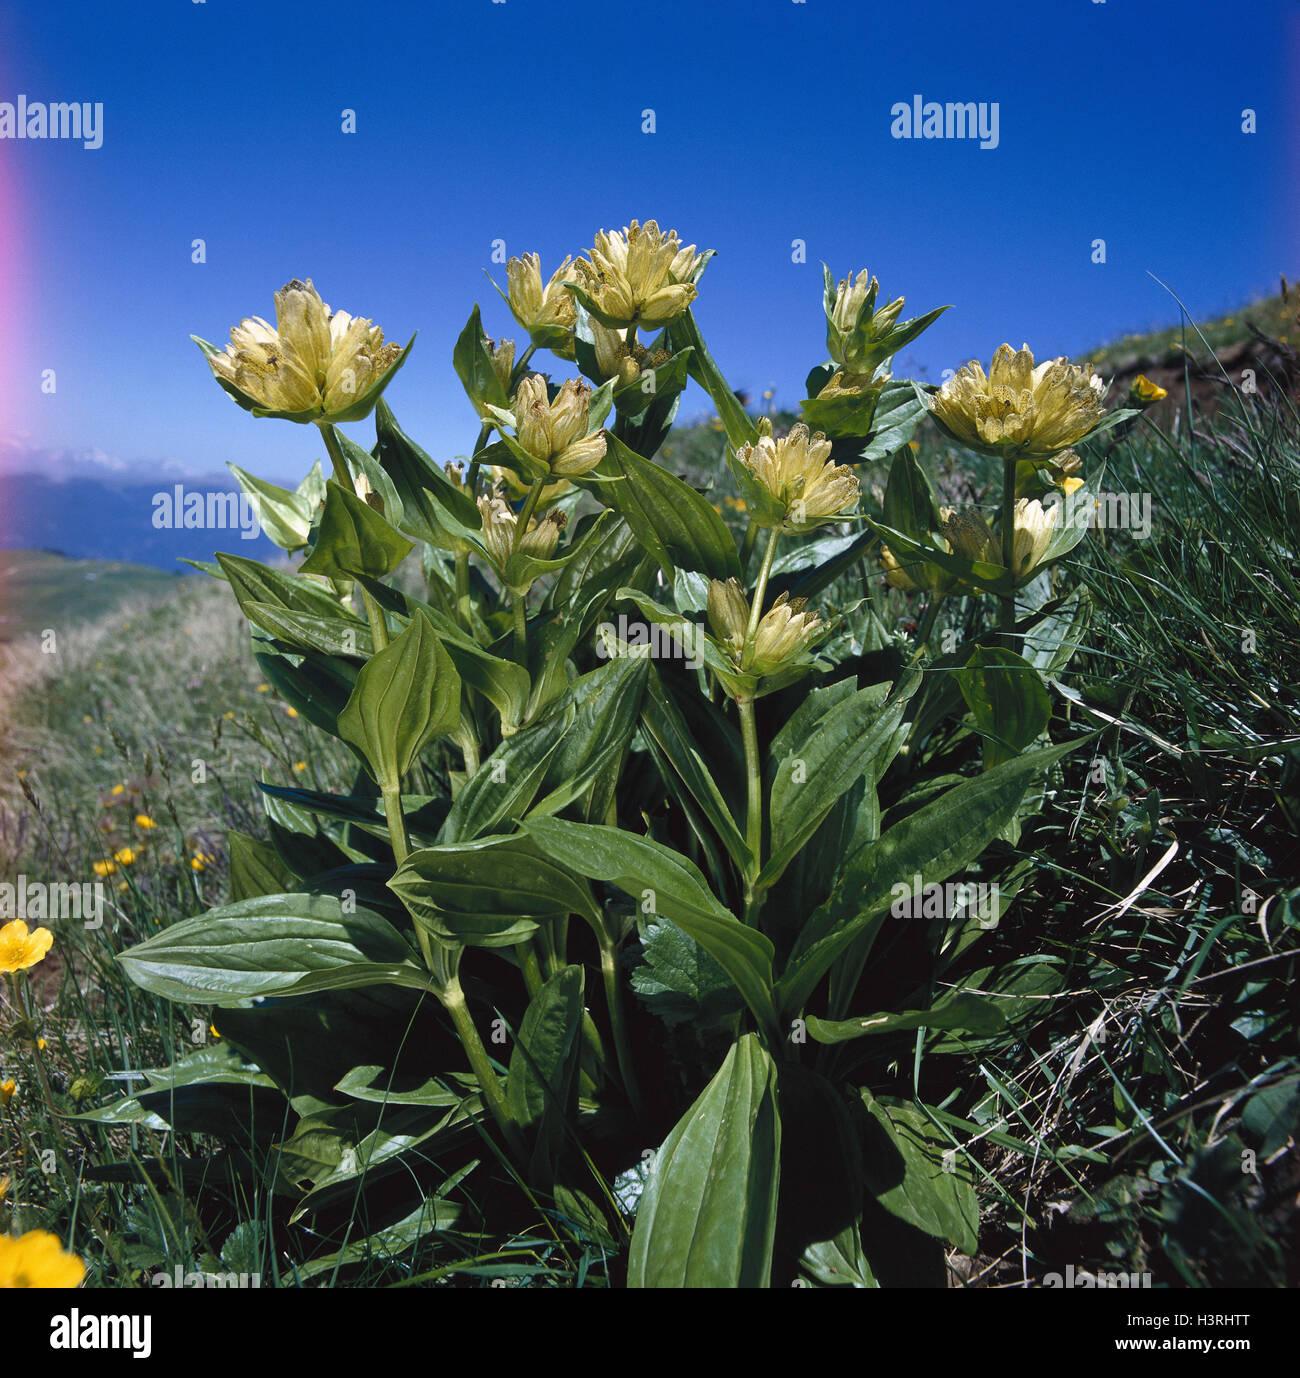 Welche Blumen Blühen Im September punktierte enzian gentiana trommler natur botanik fiora pflanzen